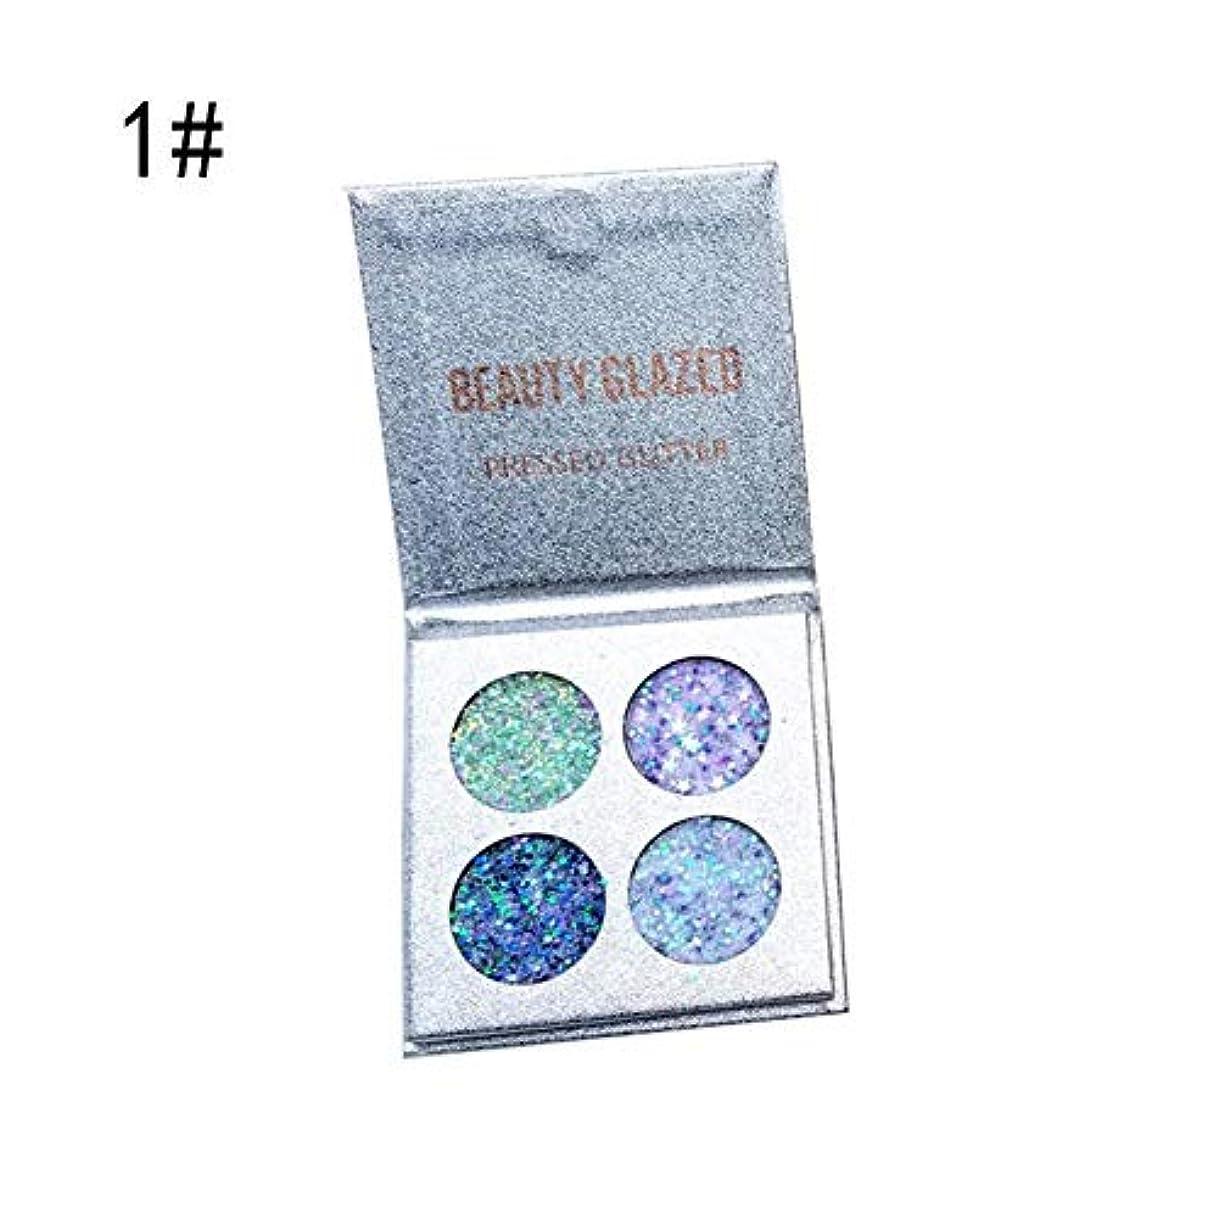 BETTER YOU (ベター ュー) beauty glazed 4色スパンコールアイシャドウ、浮遊粉なし、しみ込みやすく、防水、防汗性、持続性、天然 (A 1#)